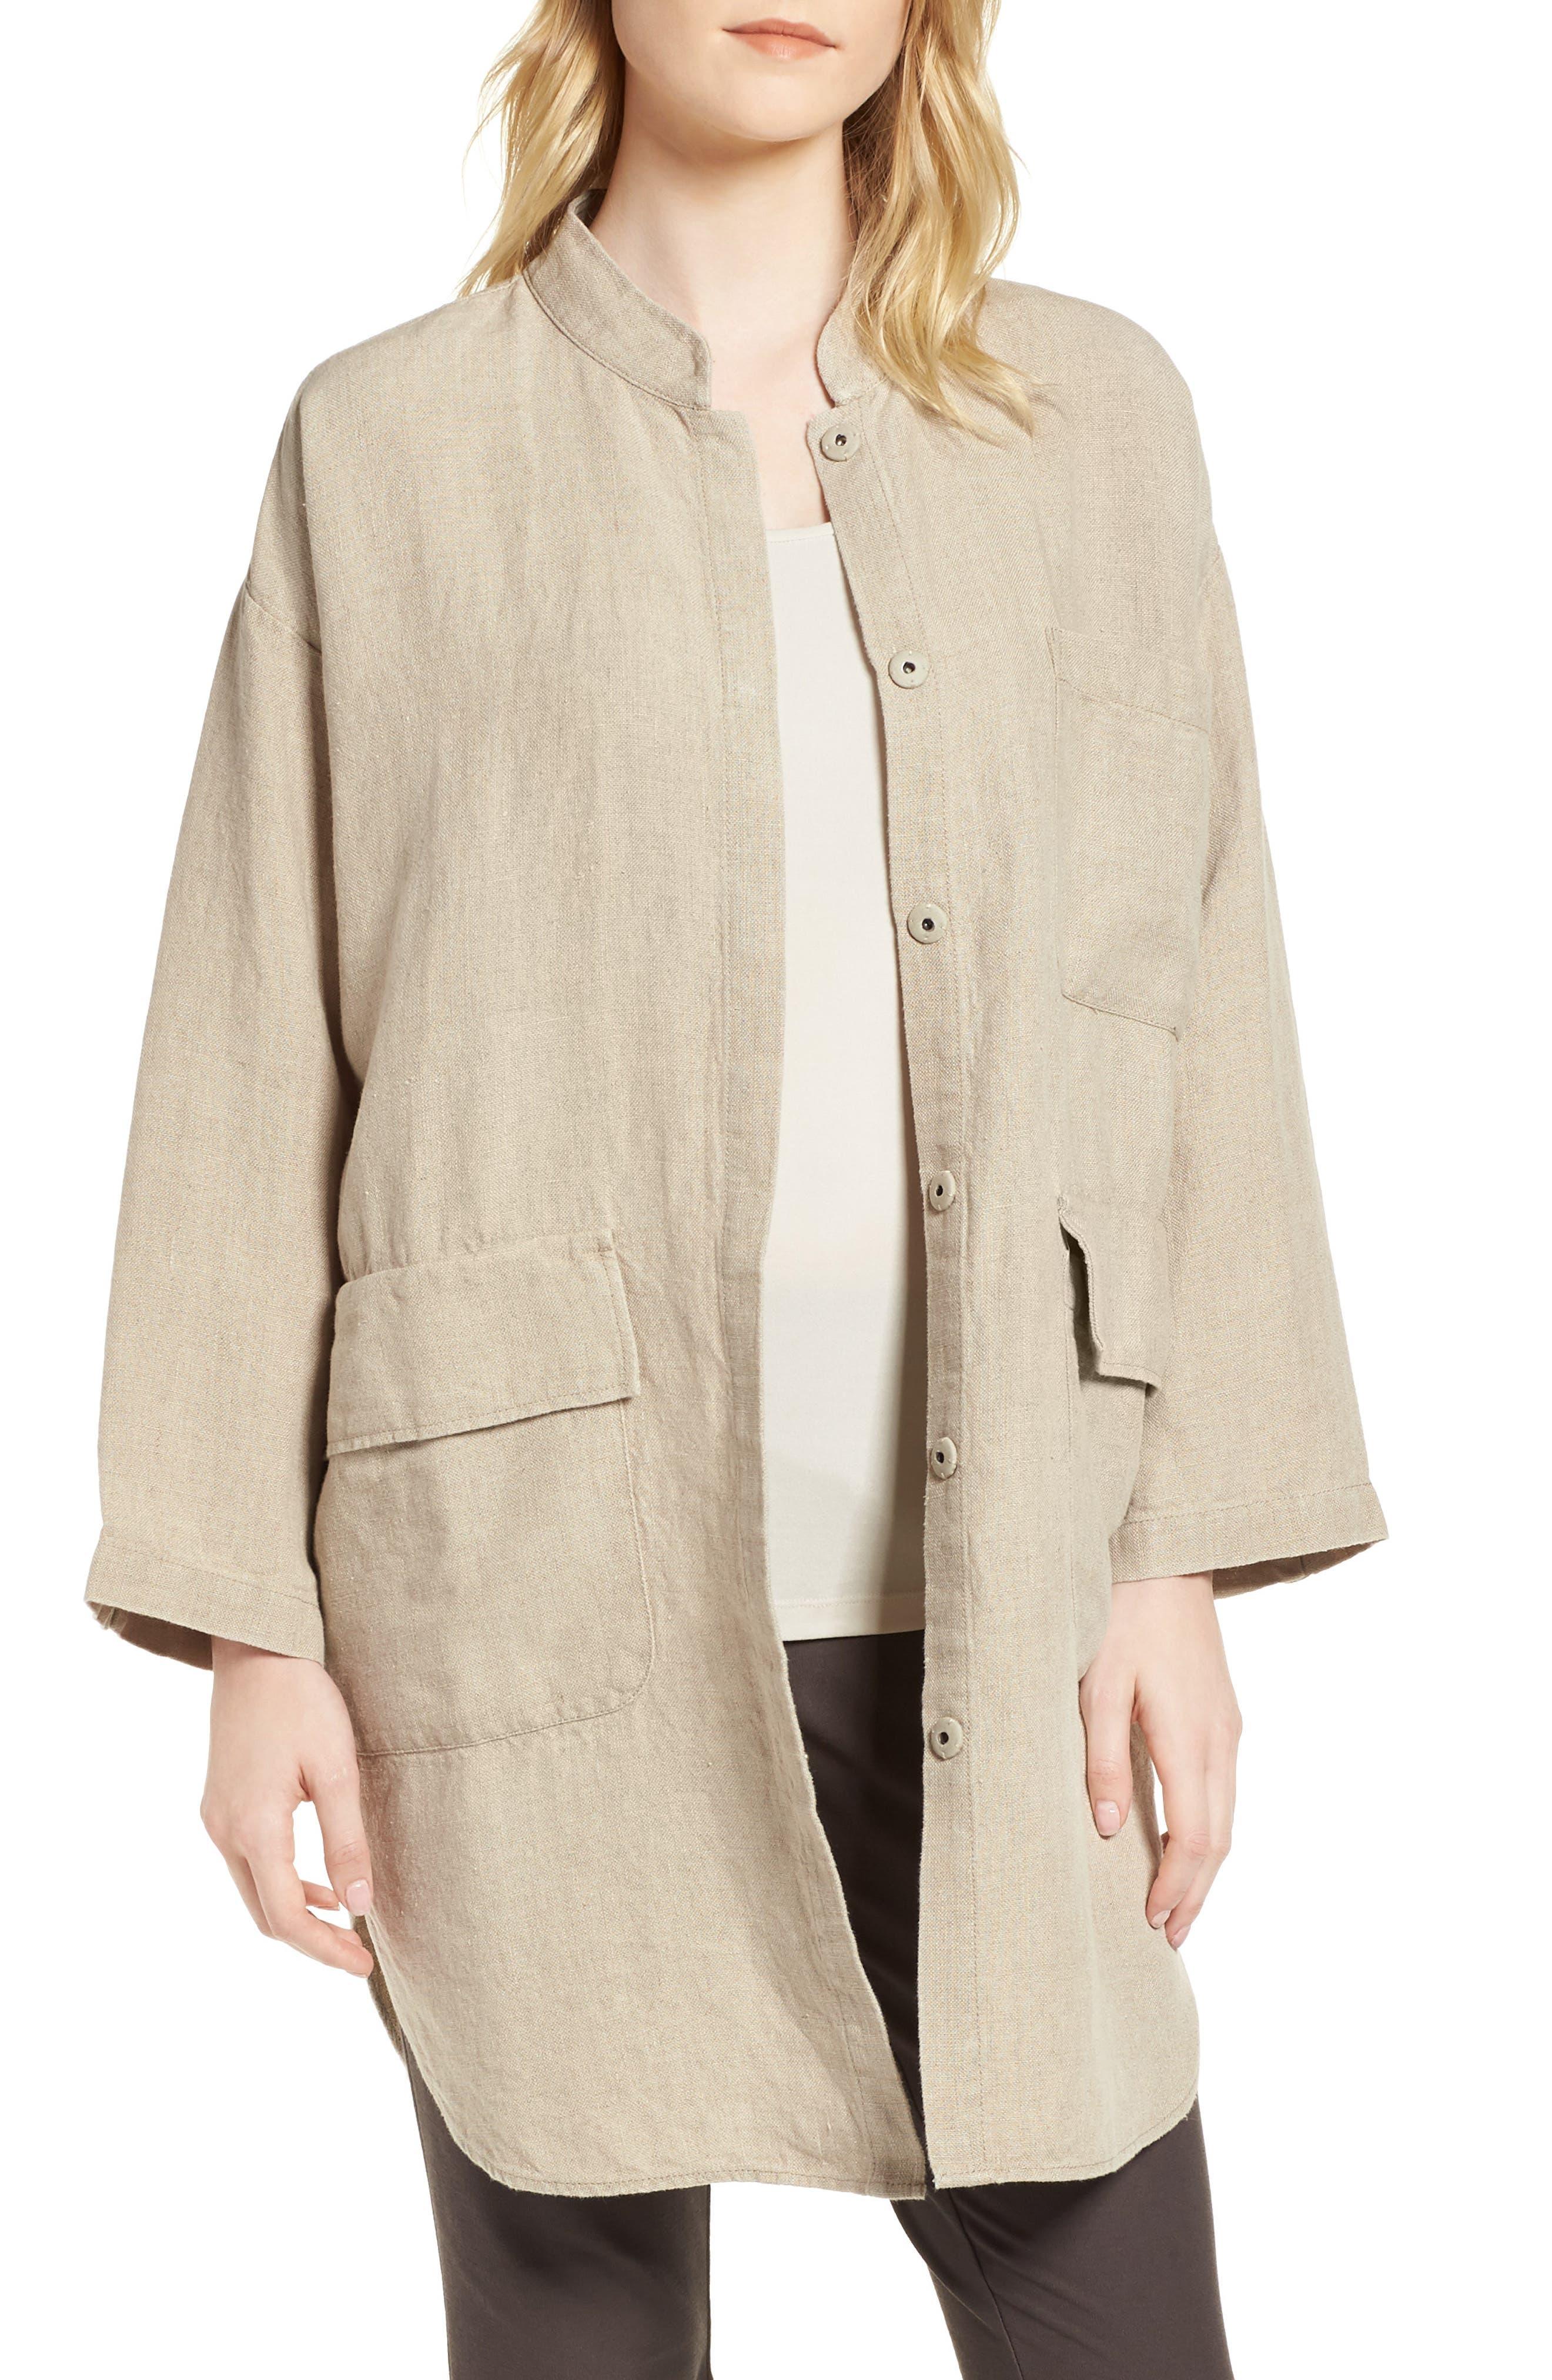 Organic Linen Jacket,                             Main thumbnail 1, color,                             Undyed Natural